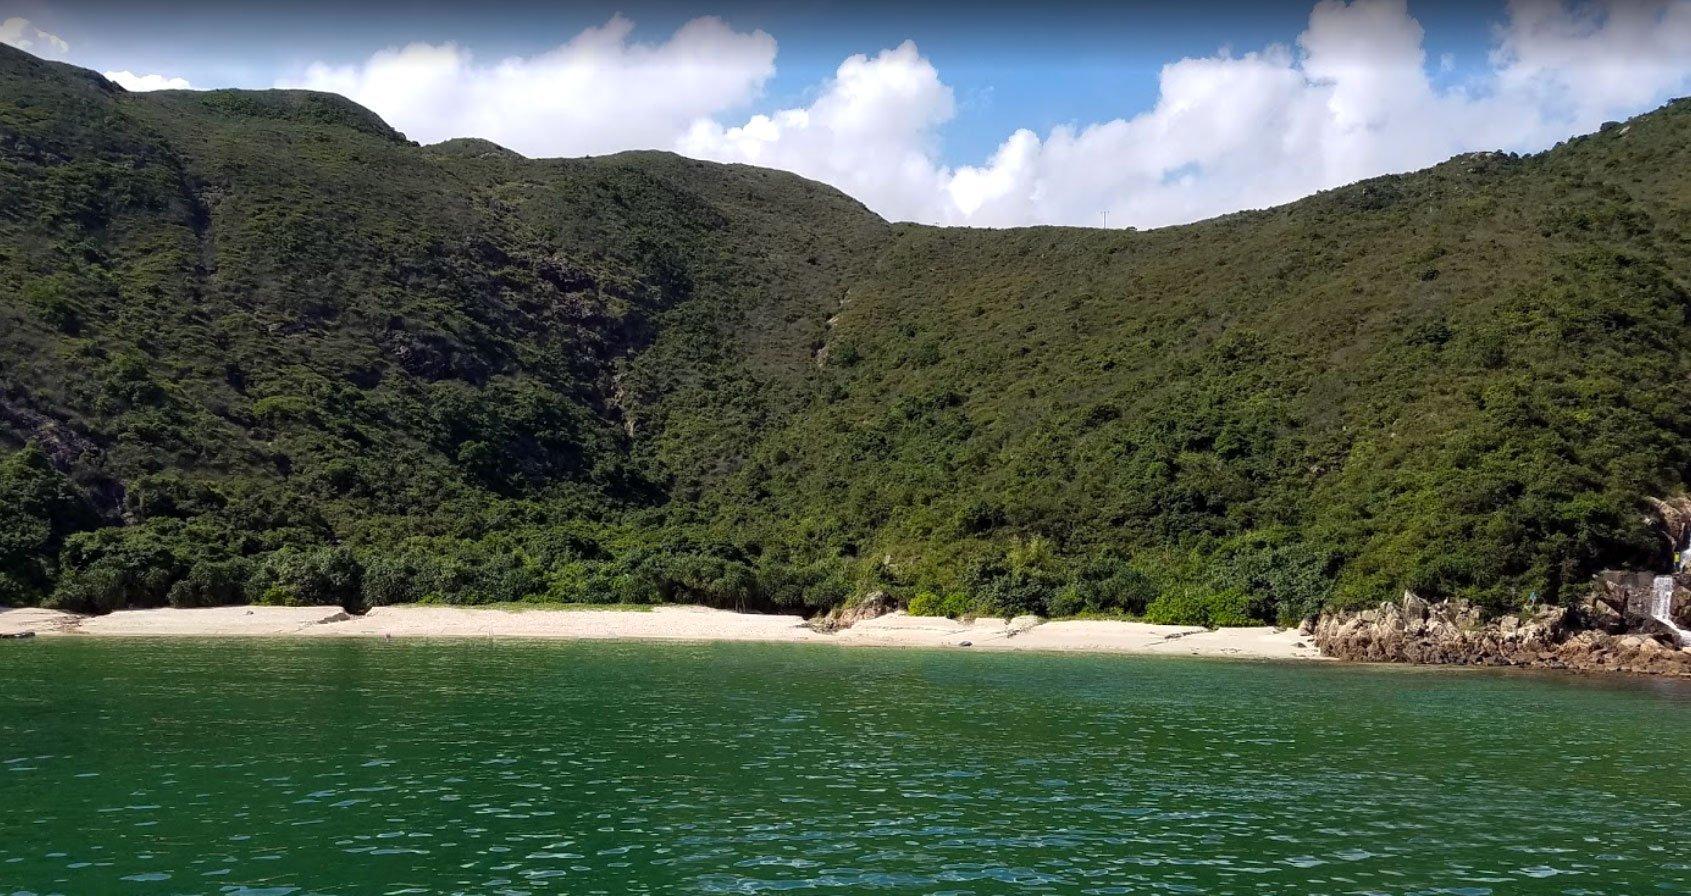 Kau Sai Chau beach camp